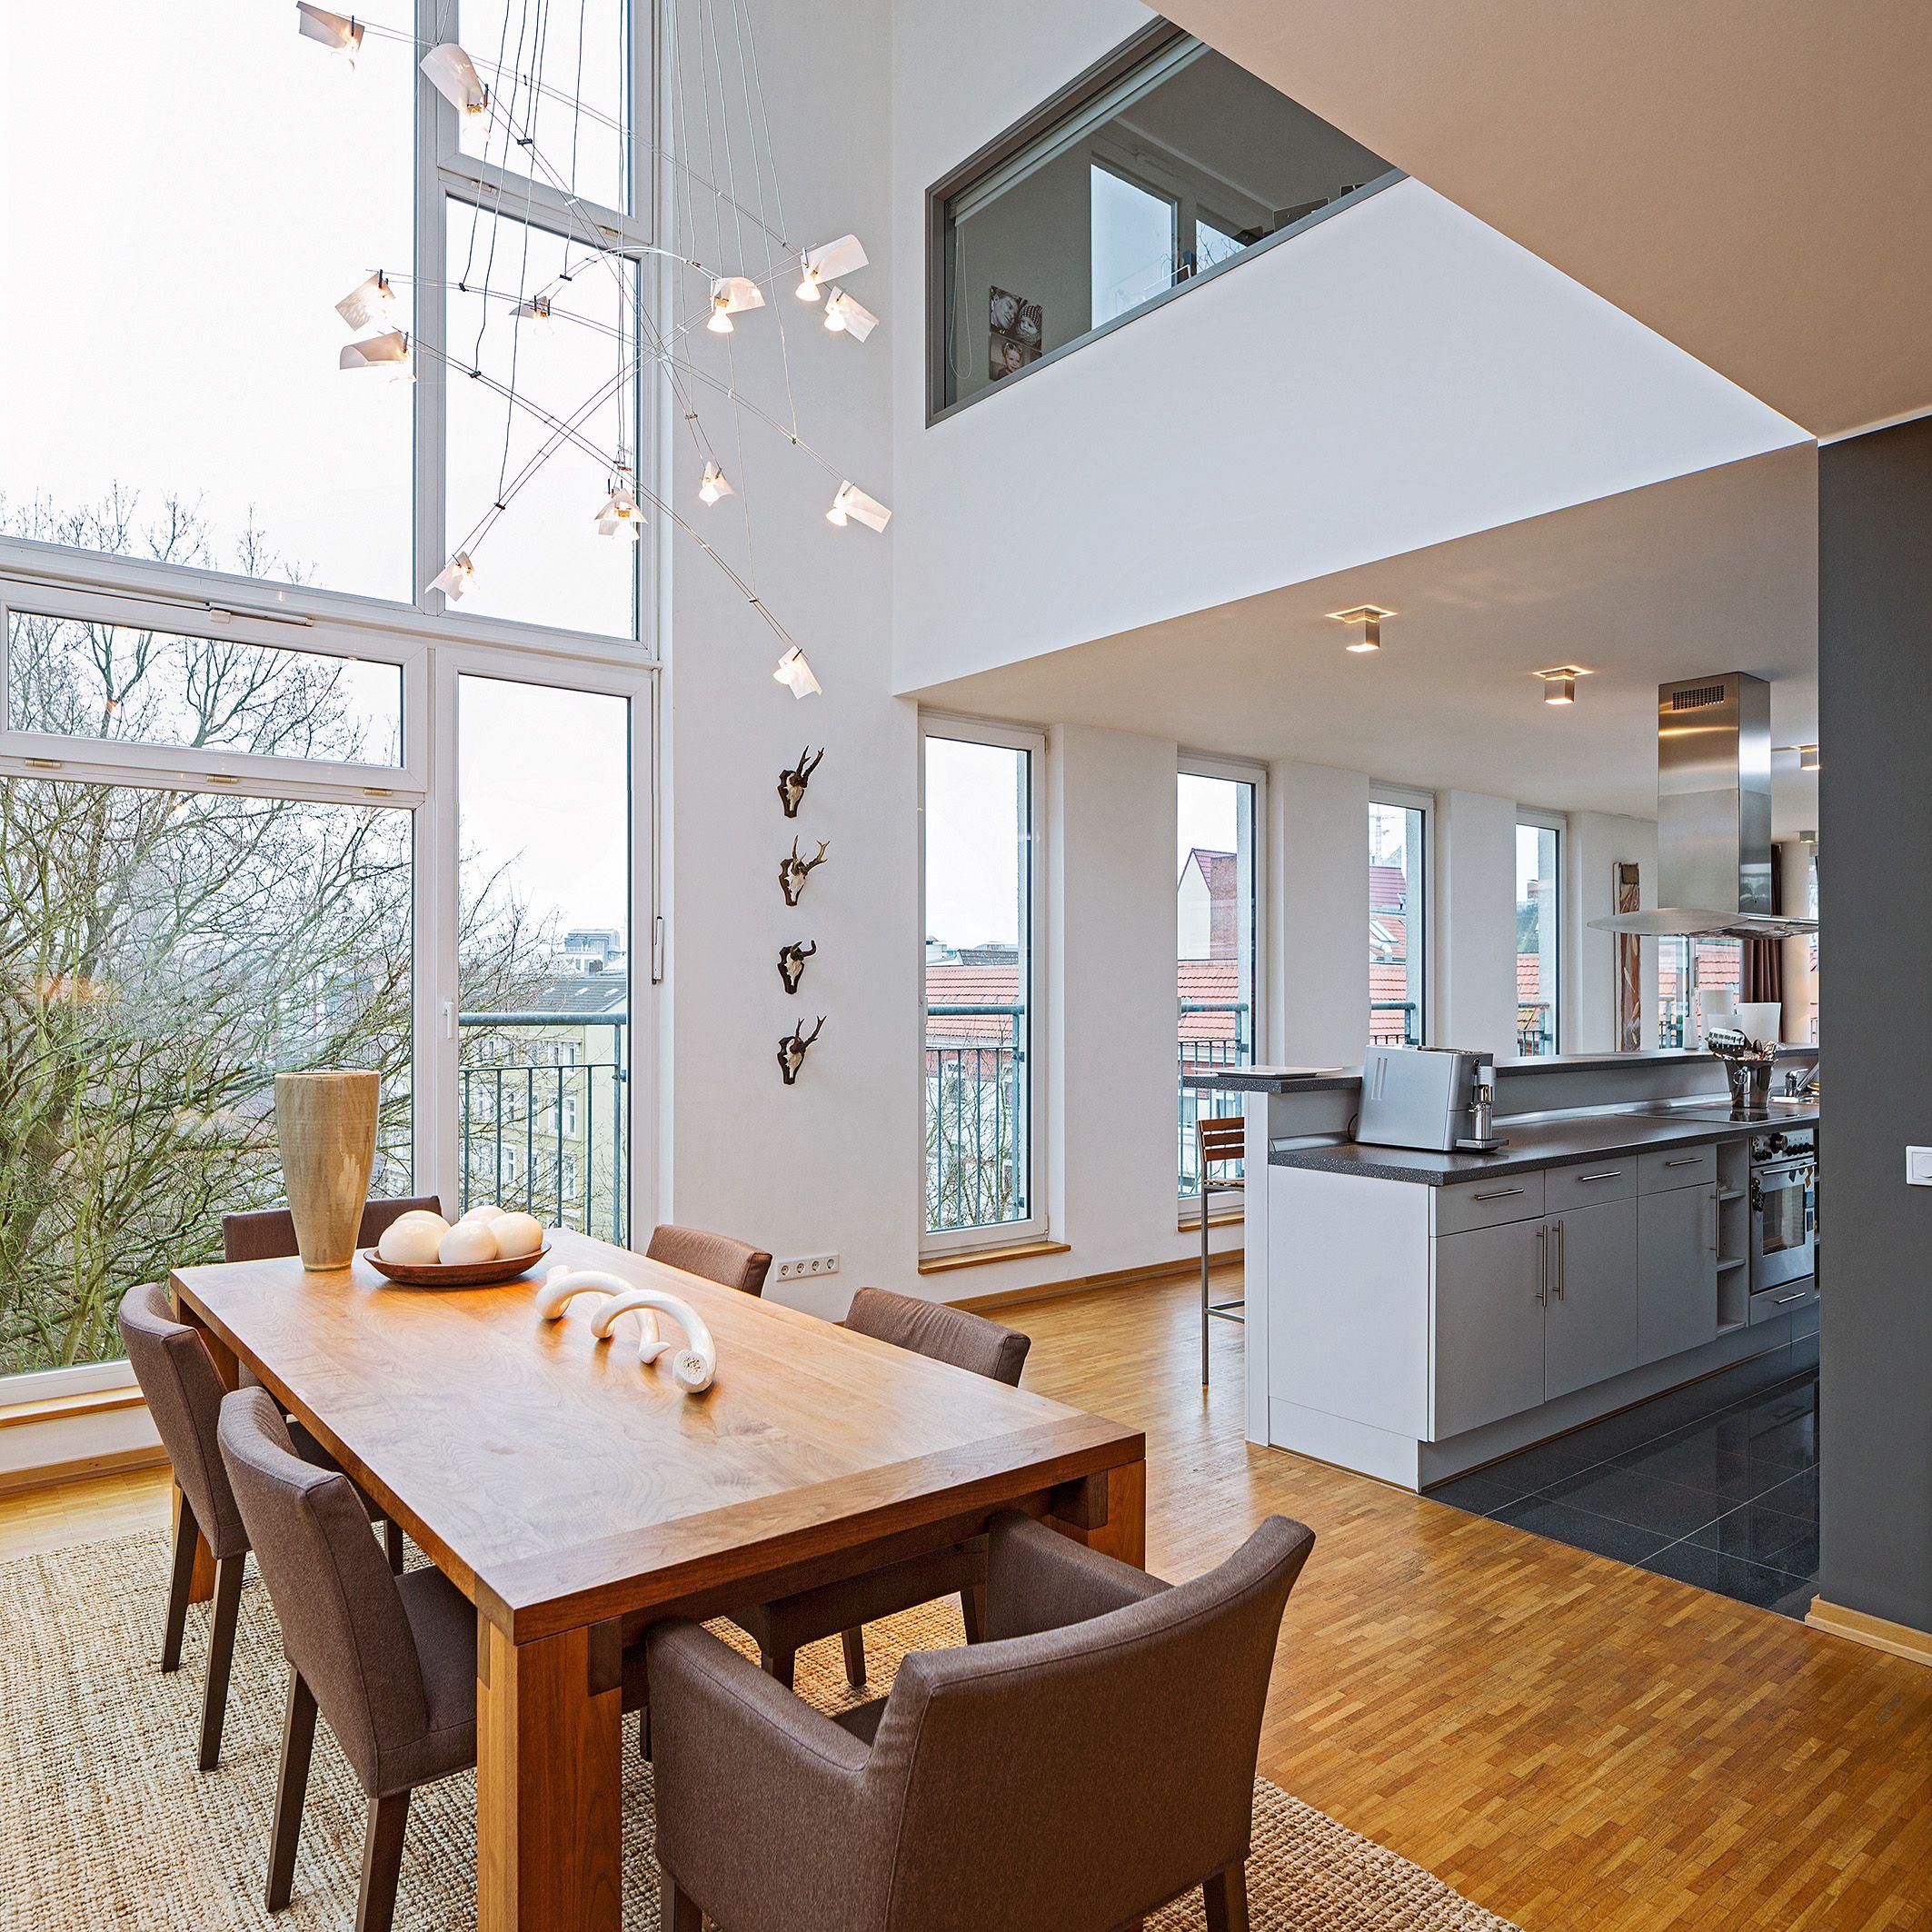 Wohnzimmer des modernen interieurs des hauses wunderschöne loftartige wohnung in hamburg  hohe decken  offene